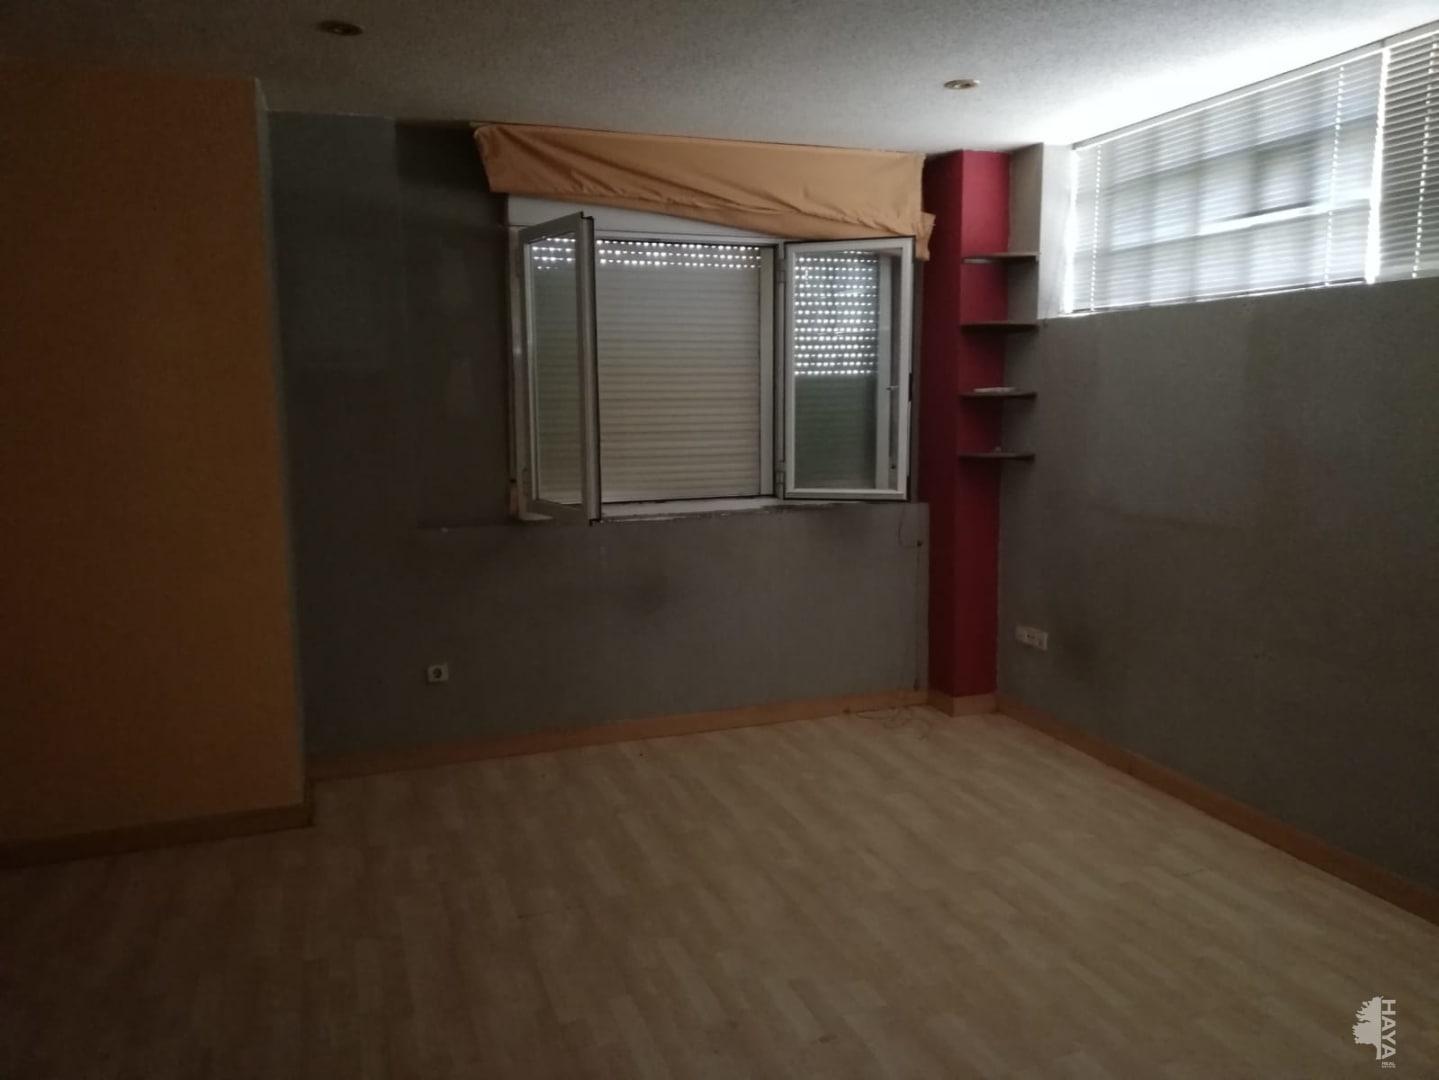 Piso en venta en Guadalajara, Guadalajara, Plaza Oñate, 129.195 €, 3 habitaciones, 1 baño, 96 m2